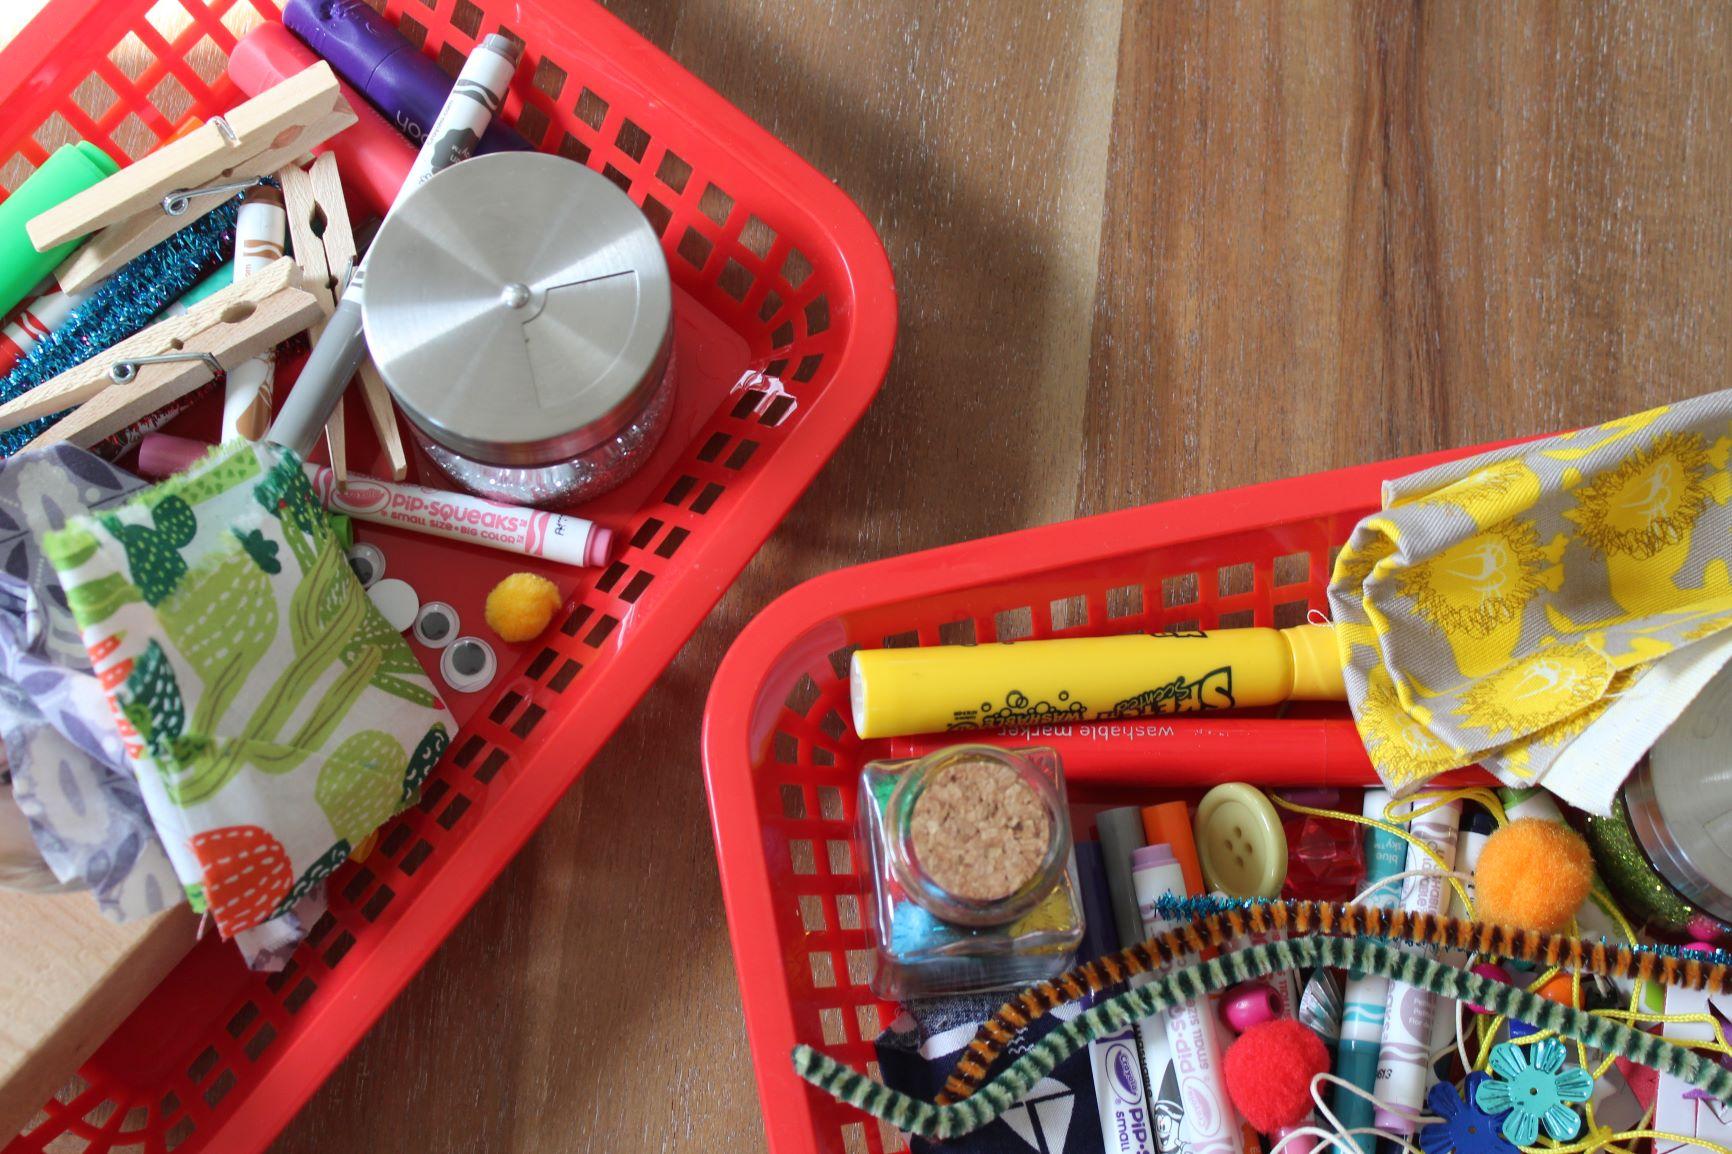 Craft supplies in Baskets